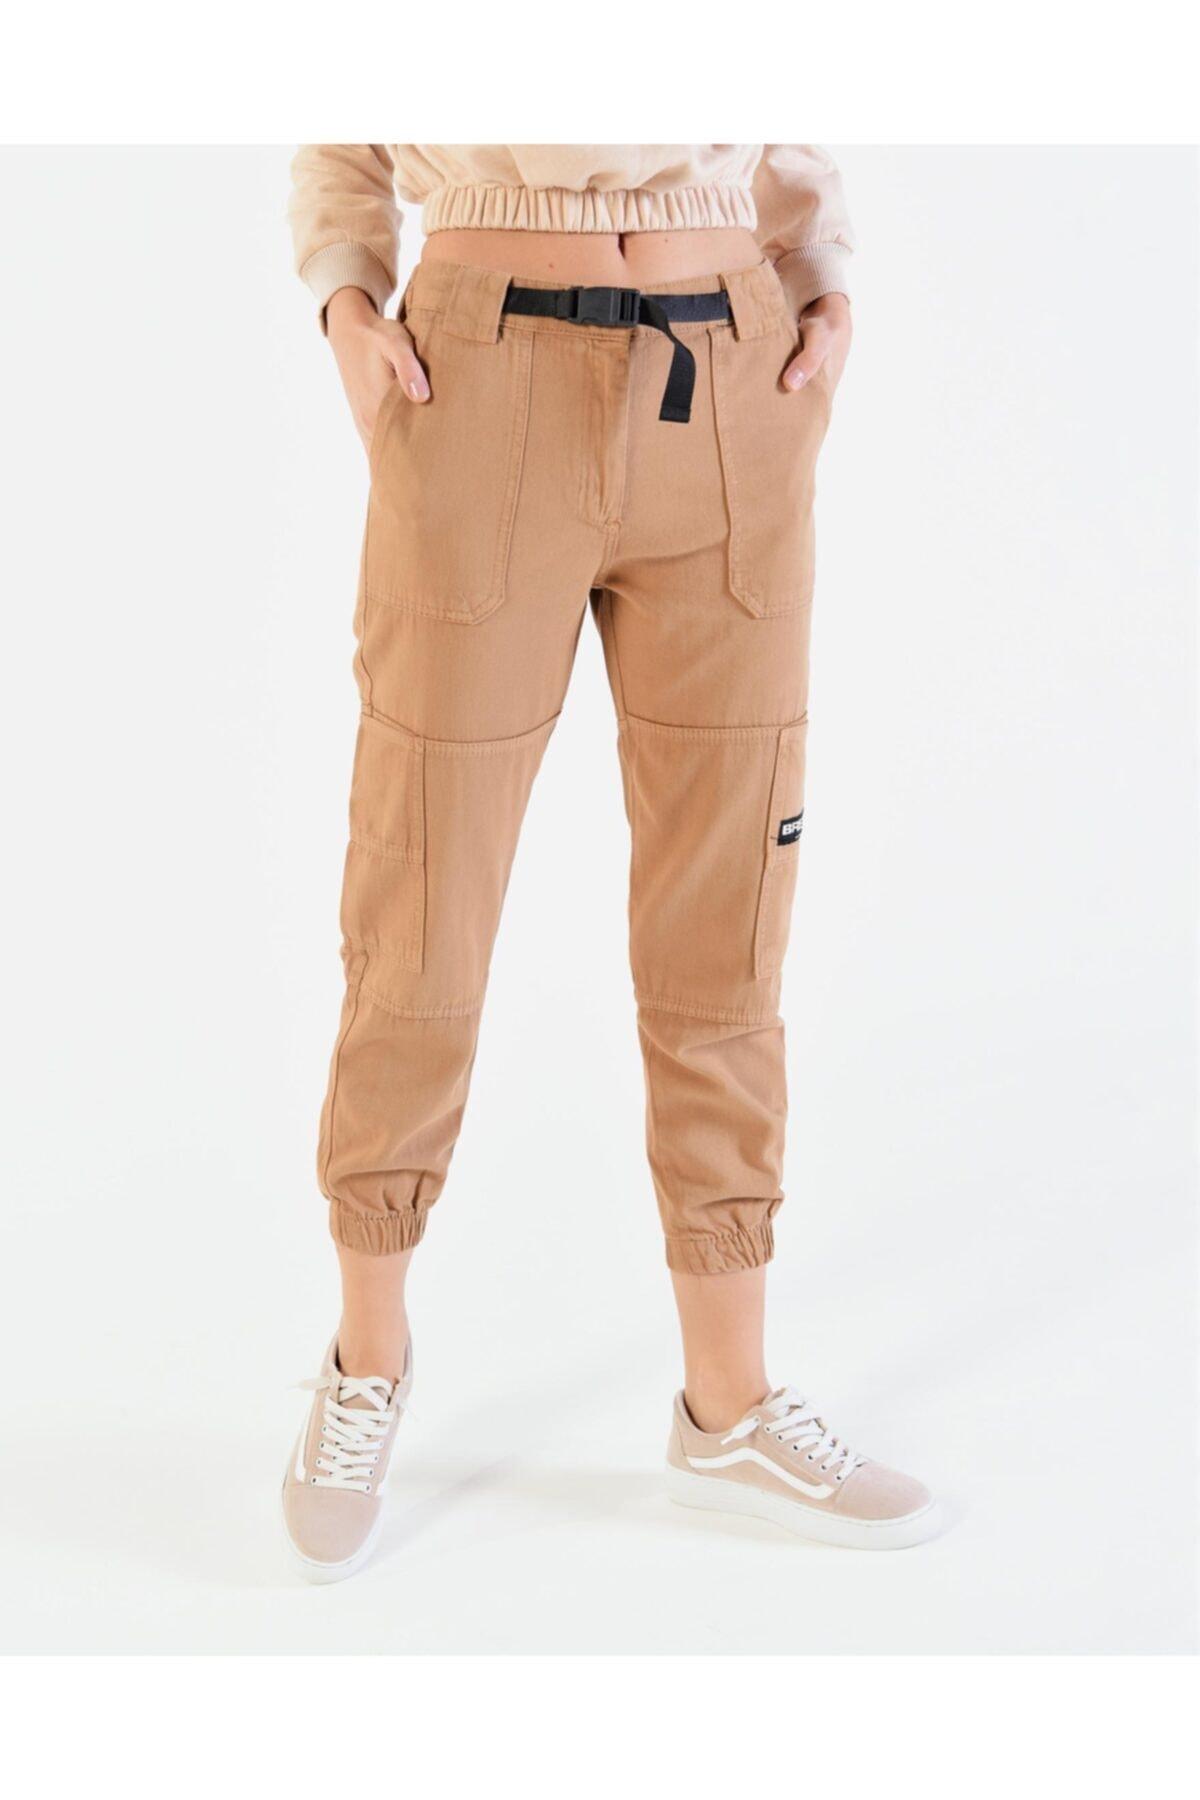 Vision Kadın Cep Detaylı Kargo Pantolon 1